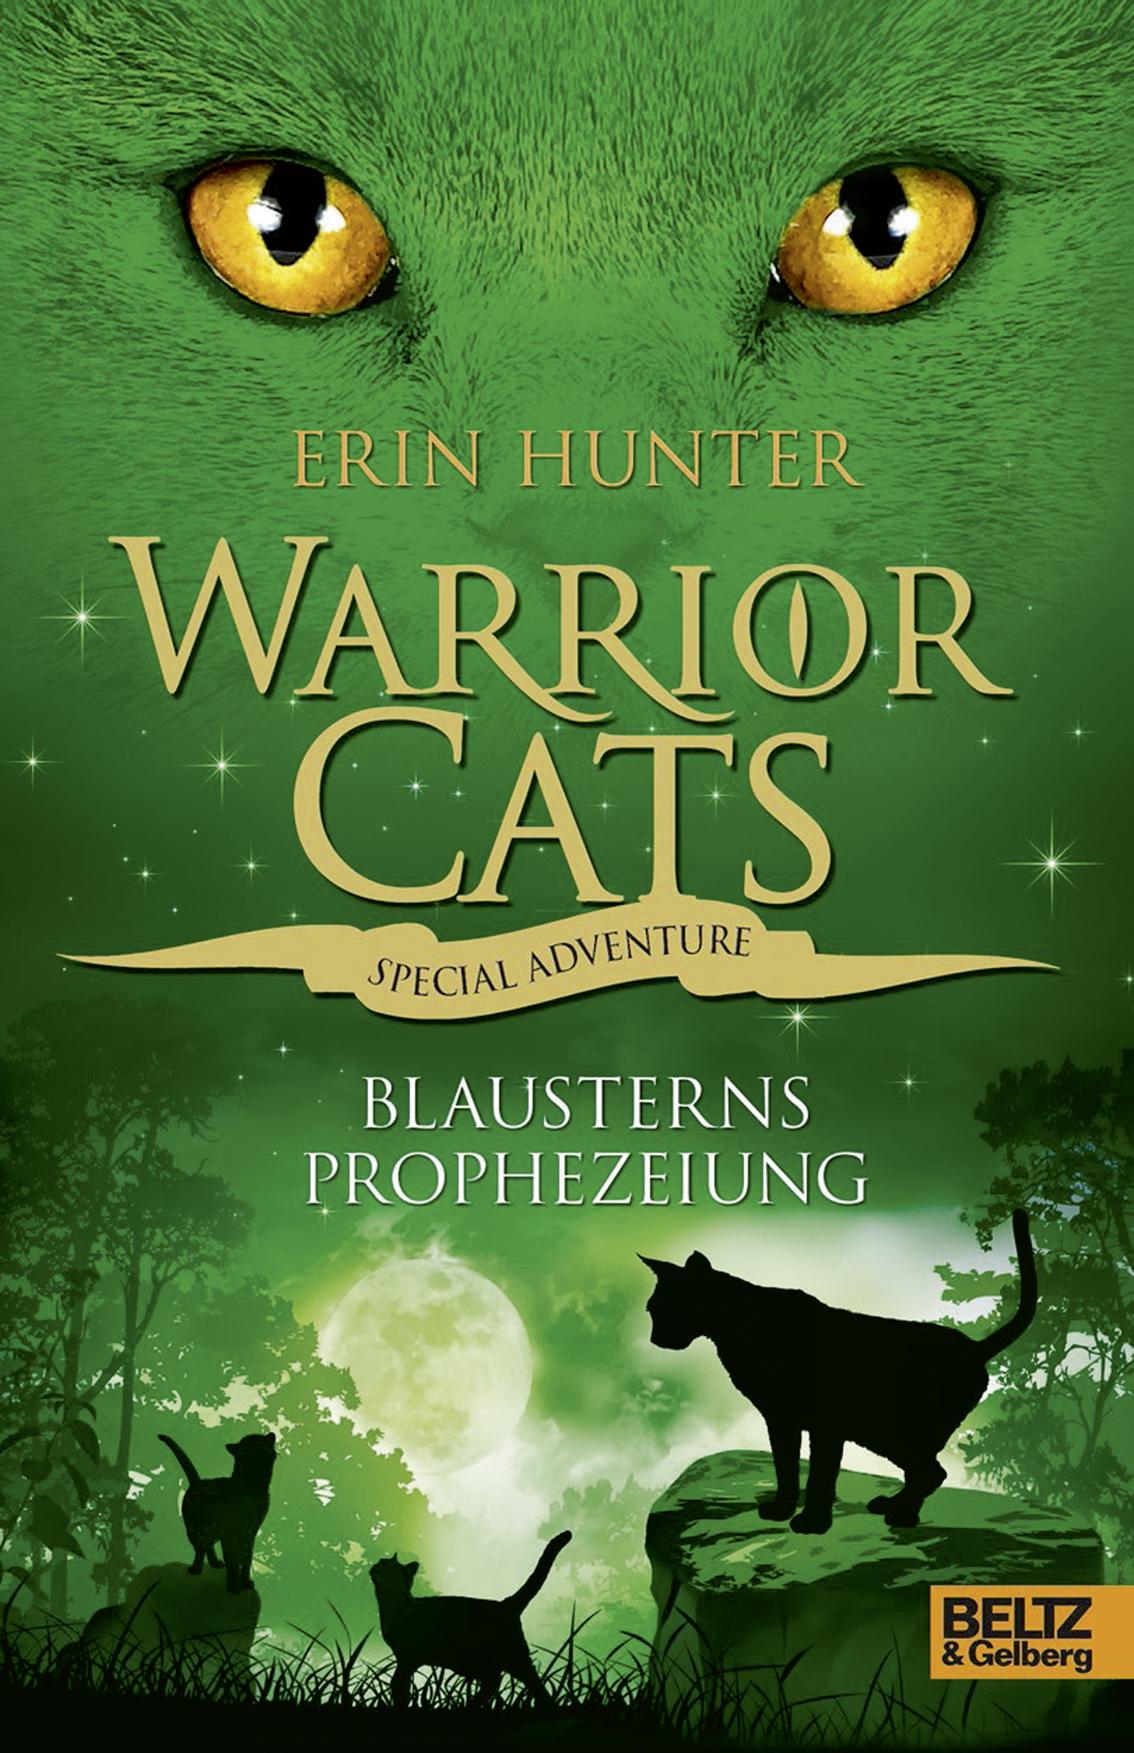 Erin Hunter Warrior Cats Merchandise